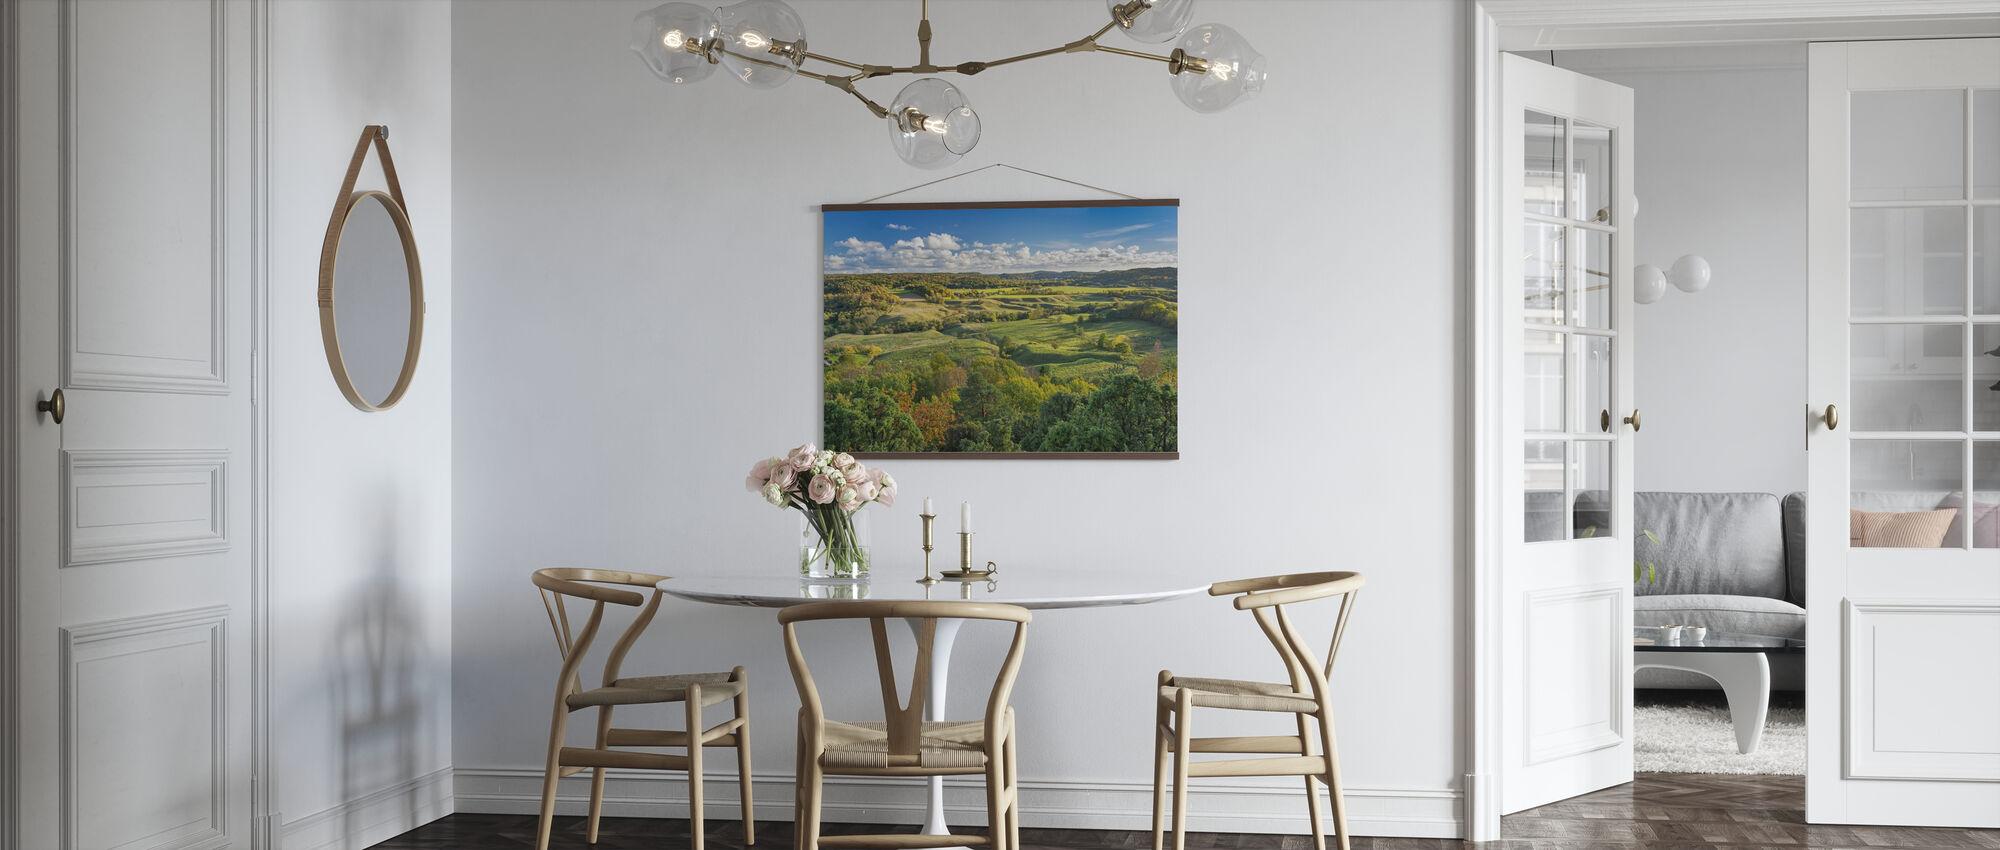 Ruotsin avoin maaseutu - Juliste - Keittiö